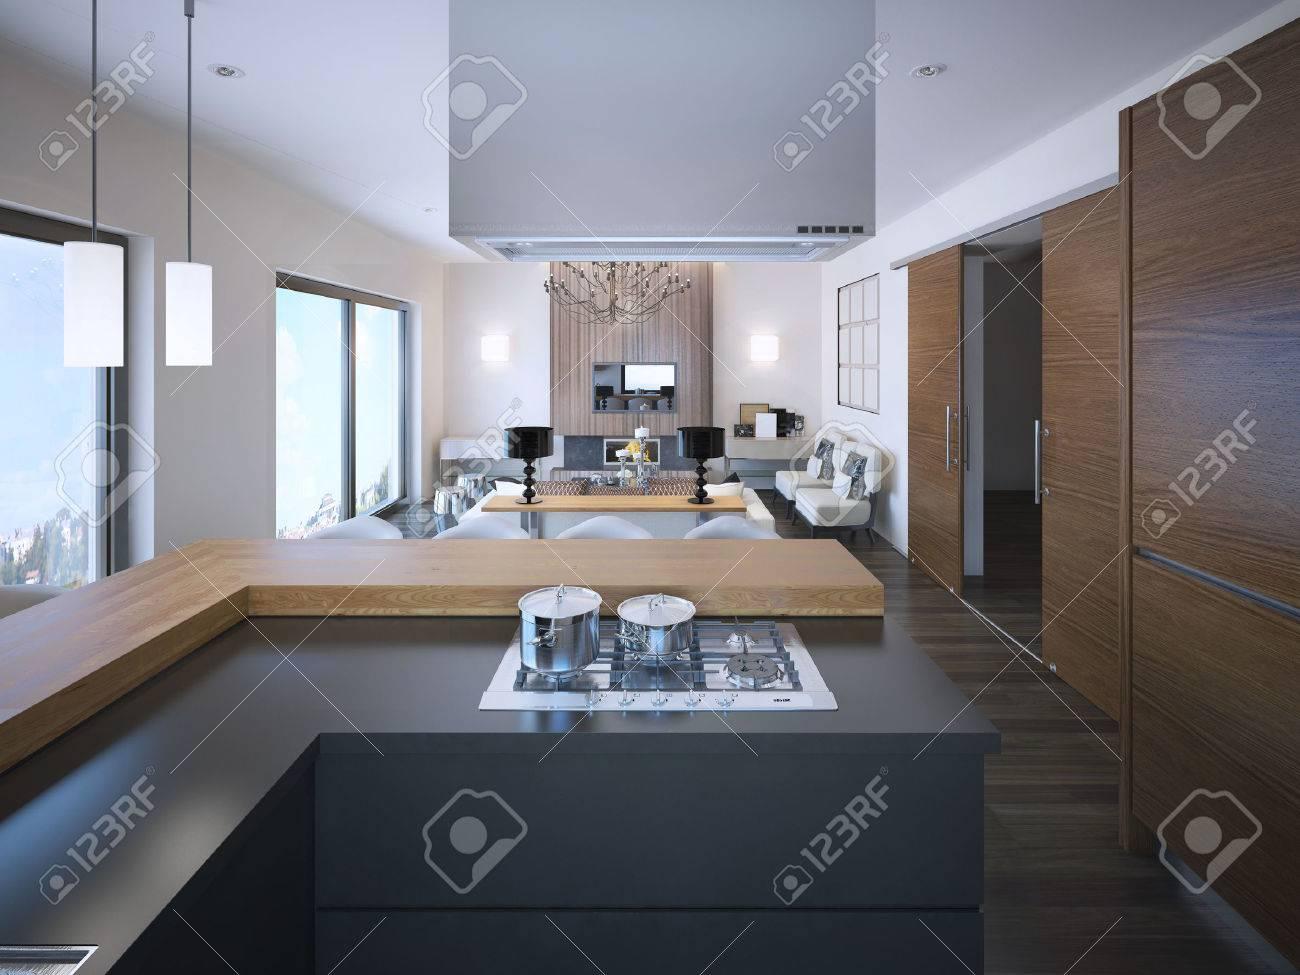 Idée D\'appartements Du Studio Aux Couleurs Marron Et Blanc, Gris ...